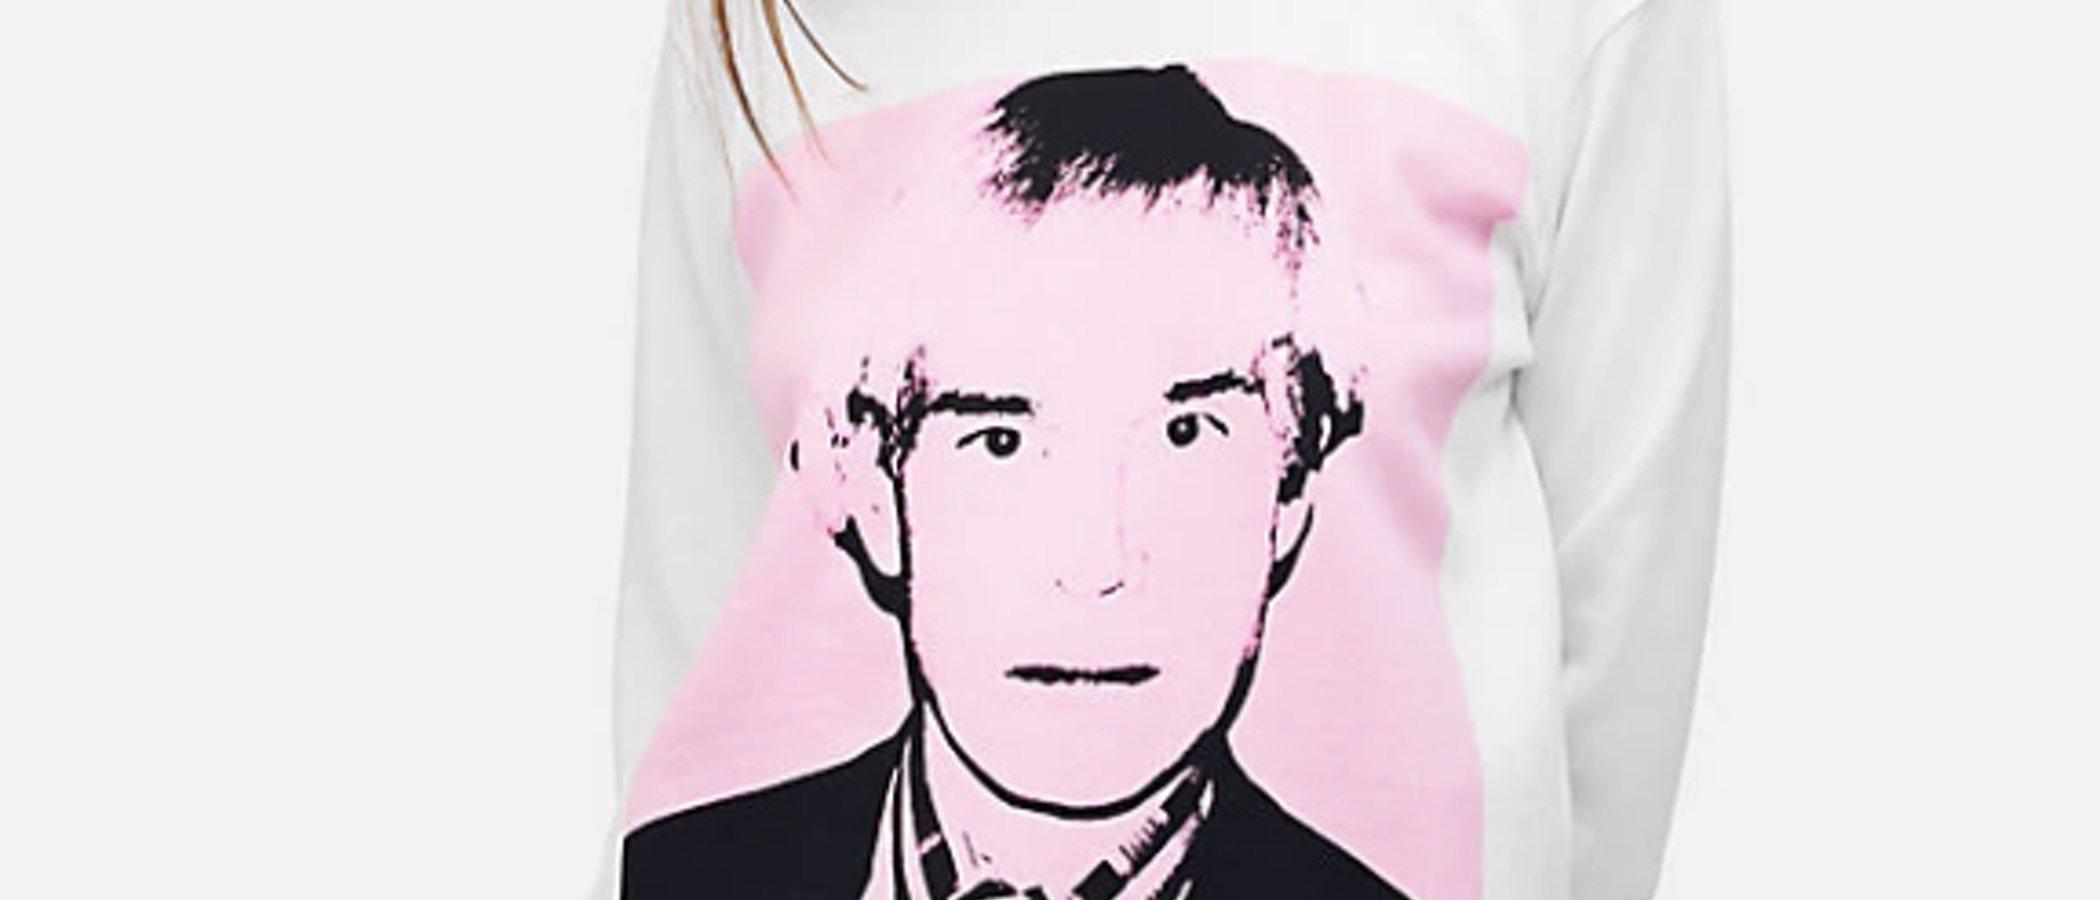 Andy Warhol, protagonista de la nueva colección de Calvin Klein Jeans